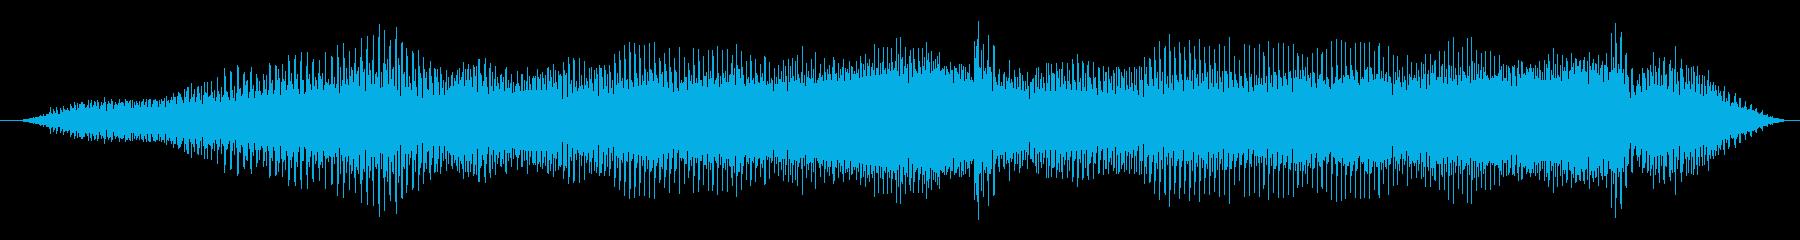 車 メルセデスSLS AMG加速ギ...の再生済みの波形